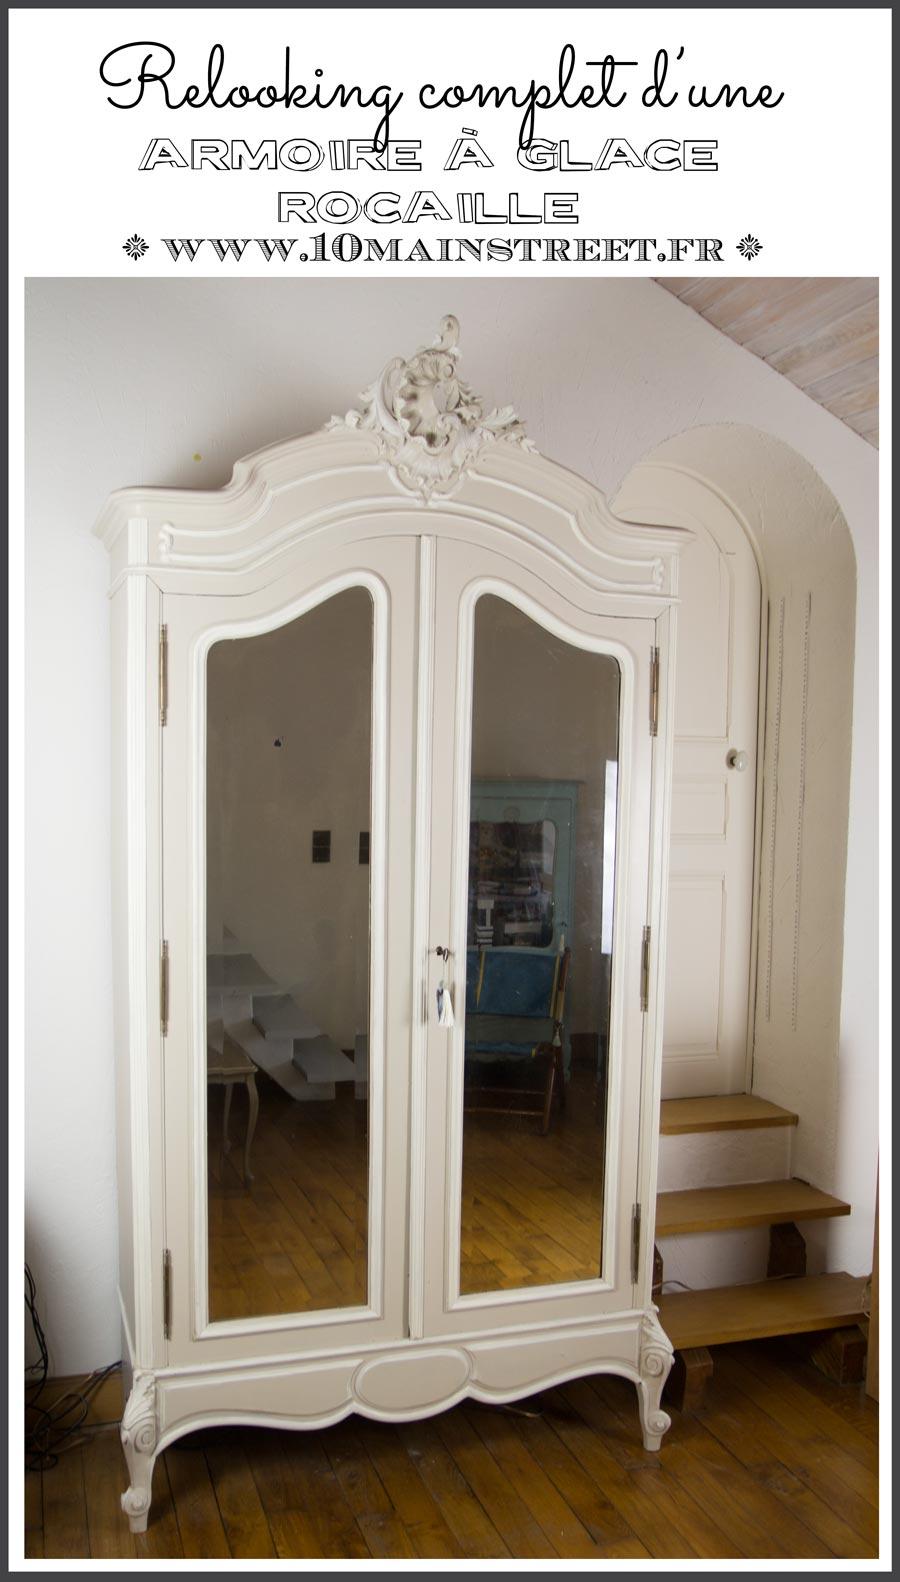 relooking de l 39 armoire glace rocaille pour le salon vid o. Black Bedroom Furniture Sets. Home Design Ideas